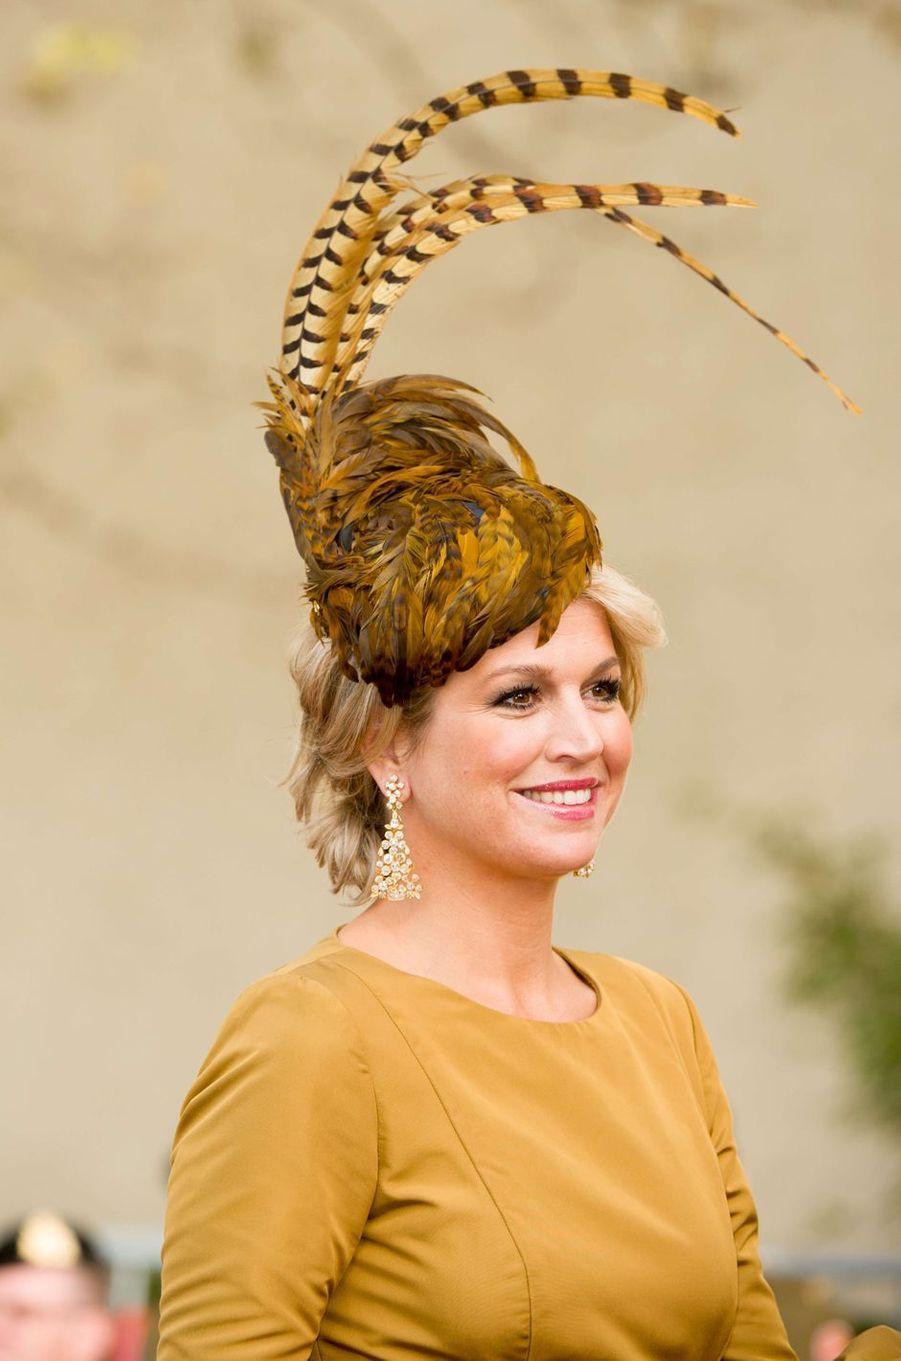 La princesse Maxima des Pays-Bas avec un chapeau orné de plumes, le 20 octobre 2012